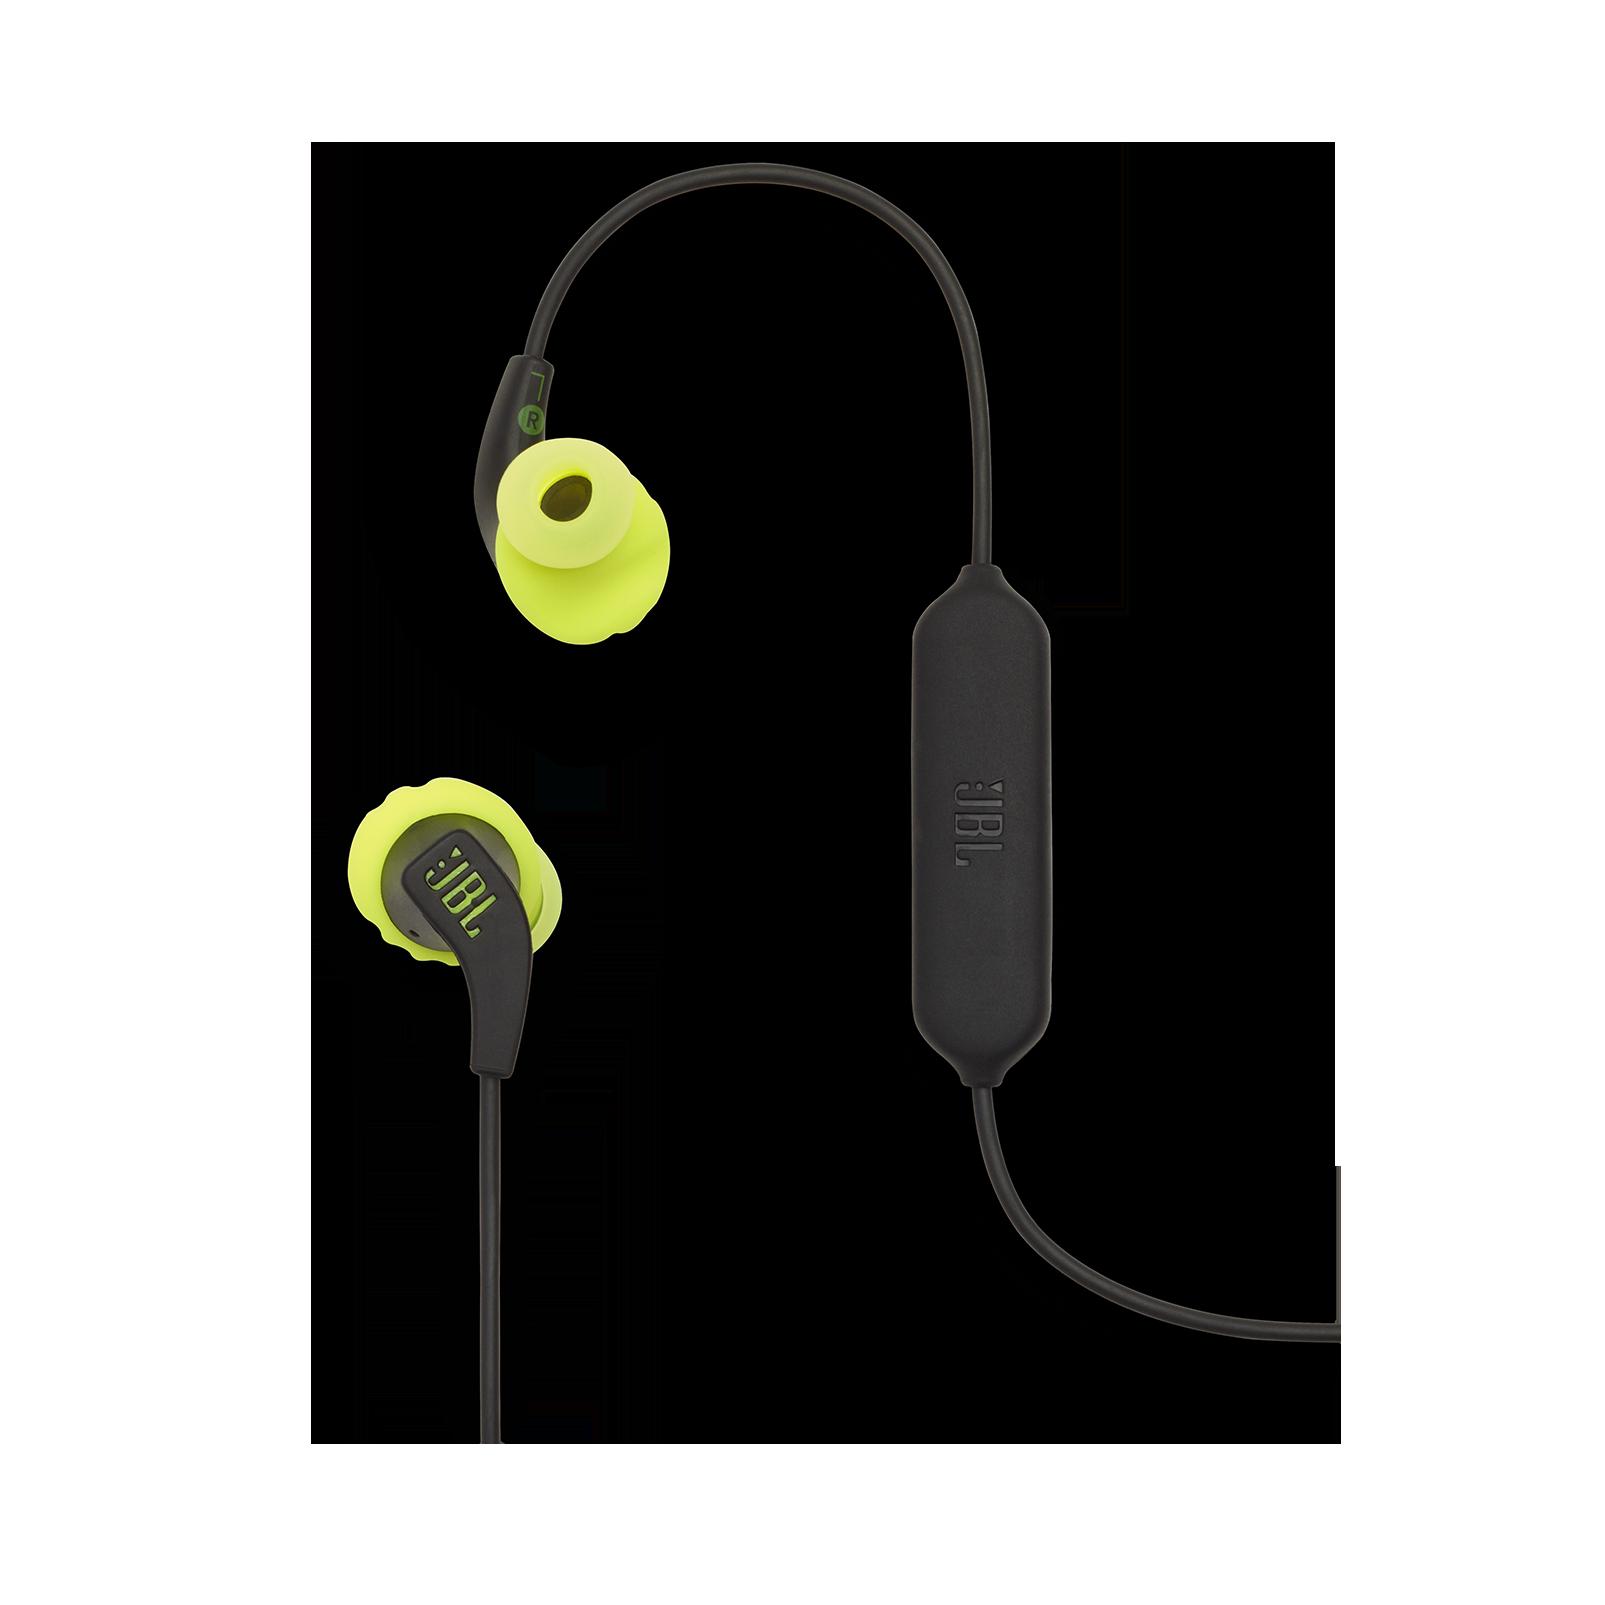 JBL Endurance RUNBT - Green - Sweatproof Wireless In-Ear Sport Headphones - Detailshot 1